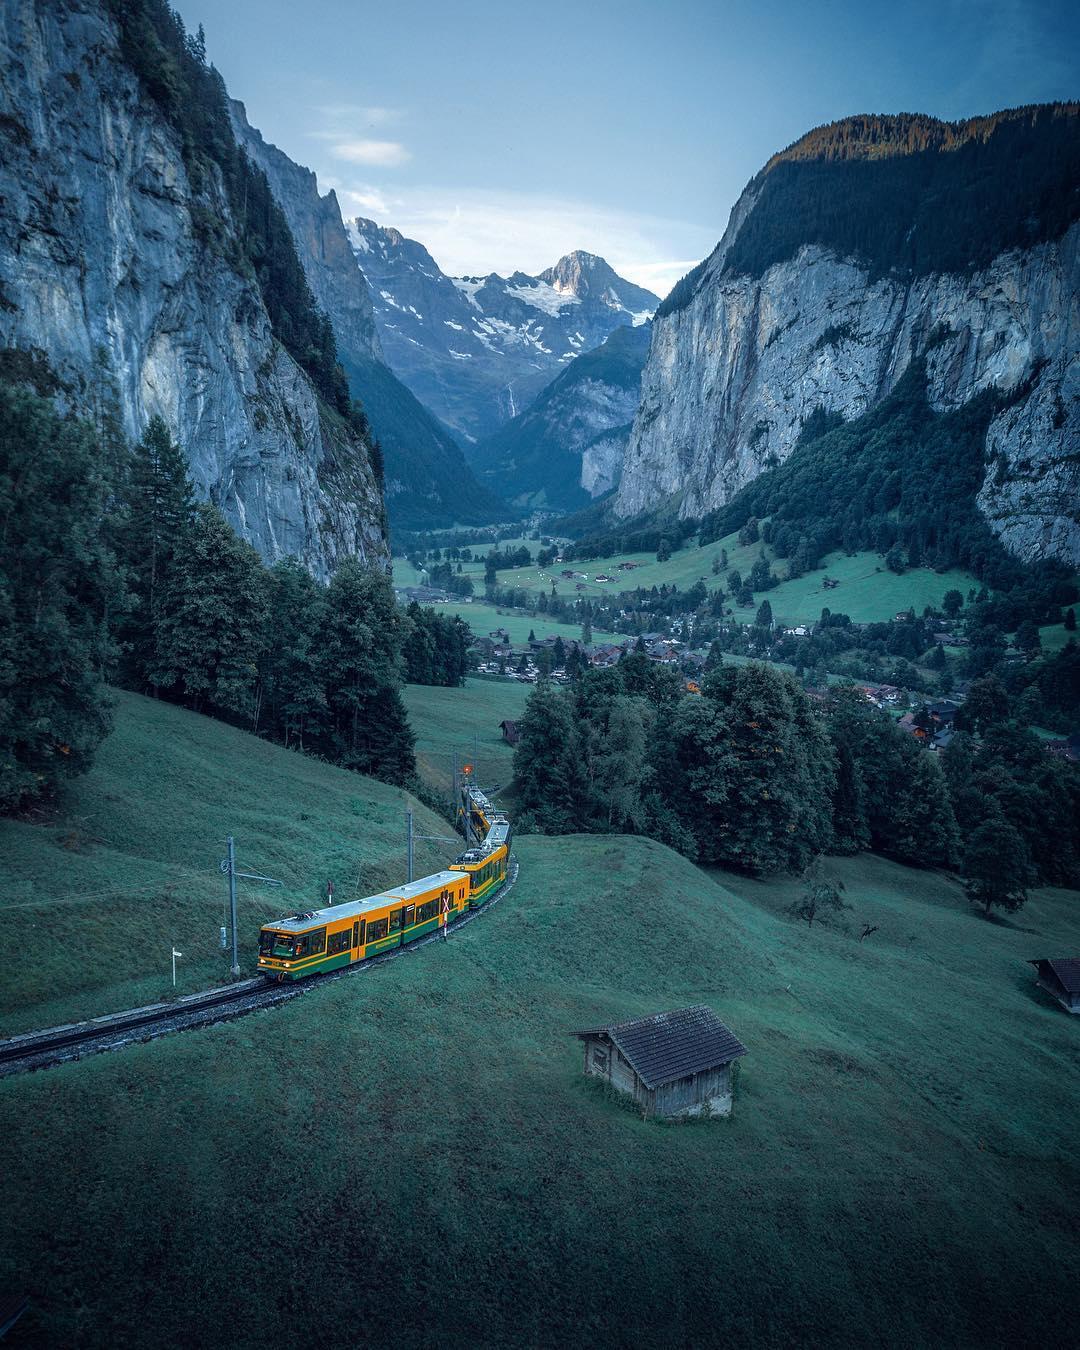 Захватывающие пейзажные снимки от Хеджи Бенджамина